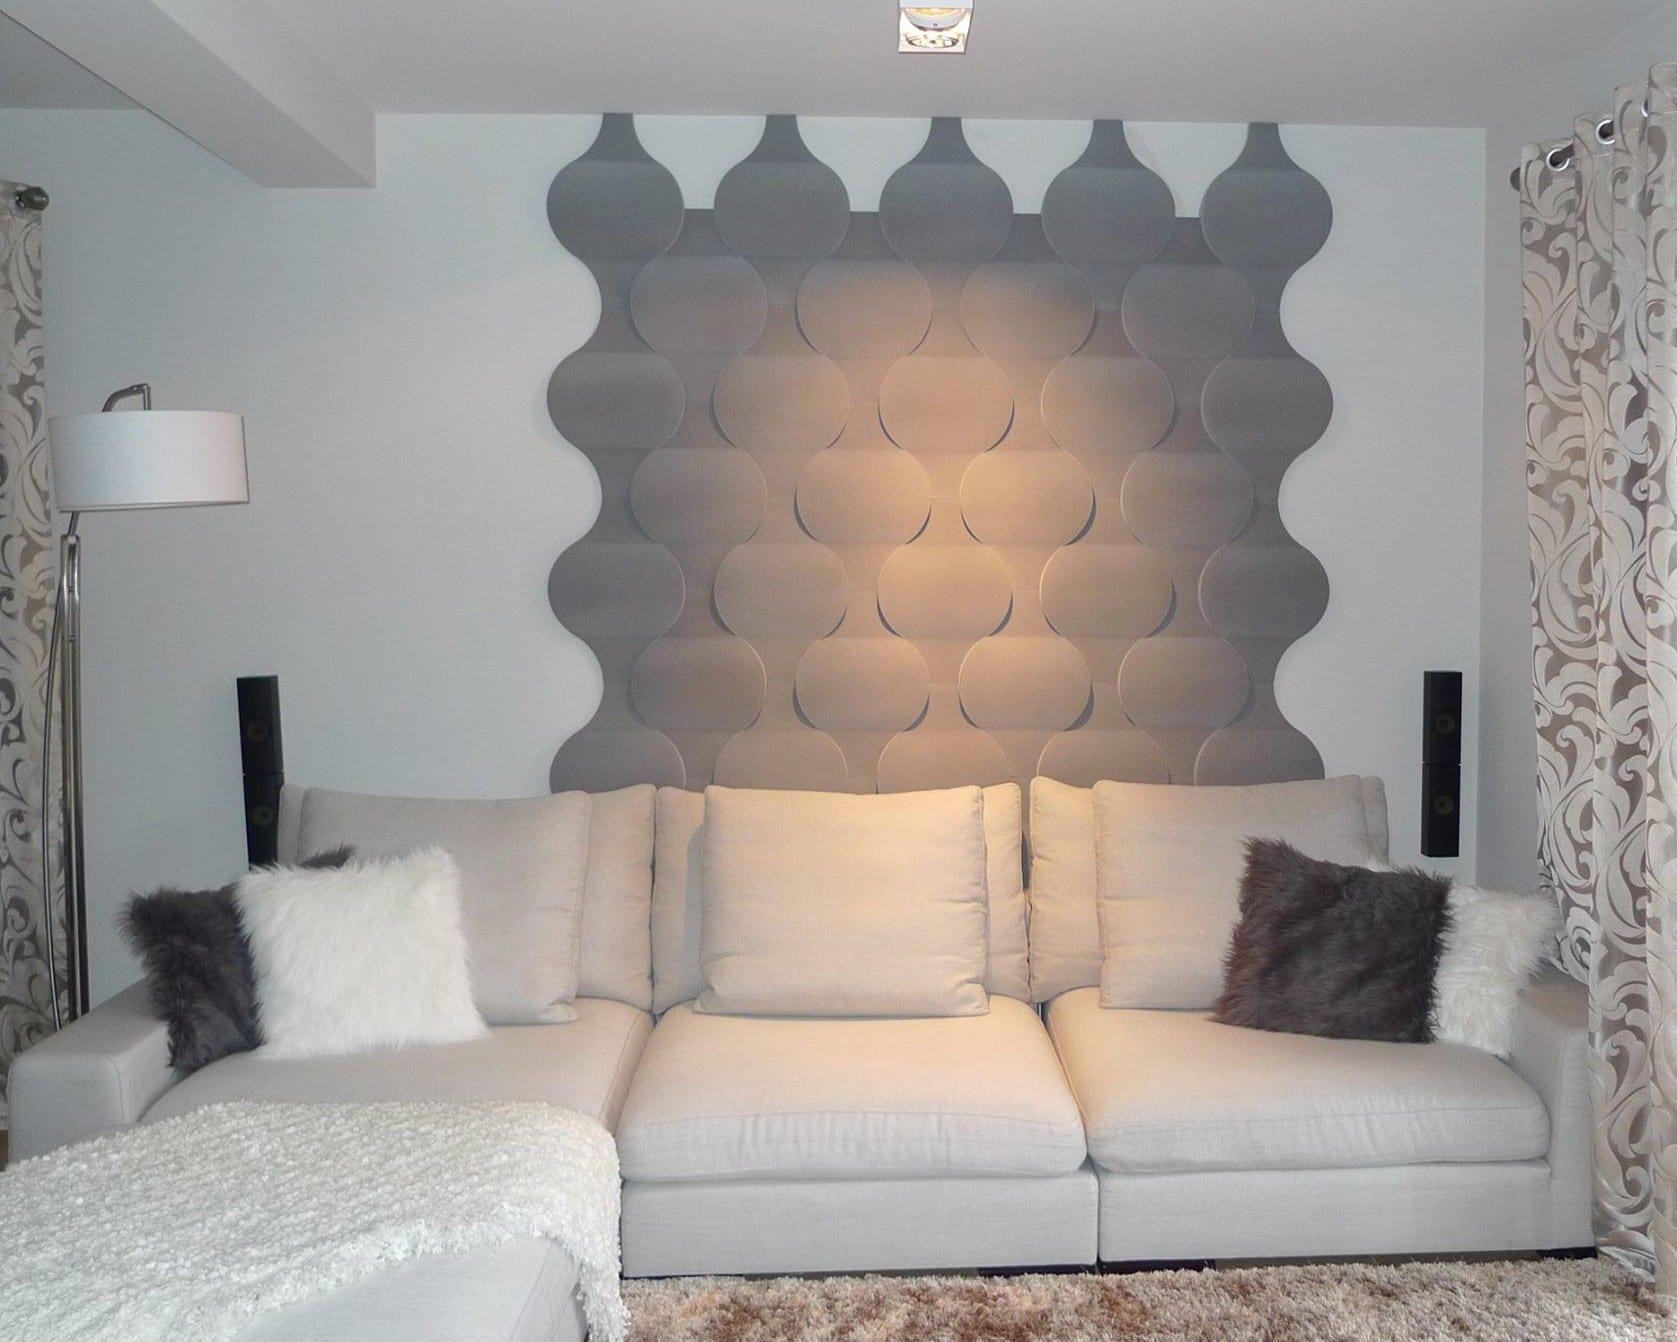 Kreative Wohnideen Fur Moderne Wandgestaltung Und